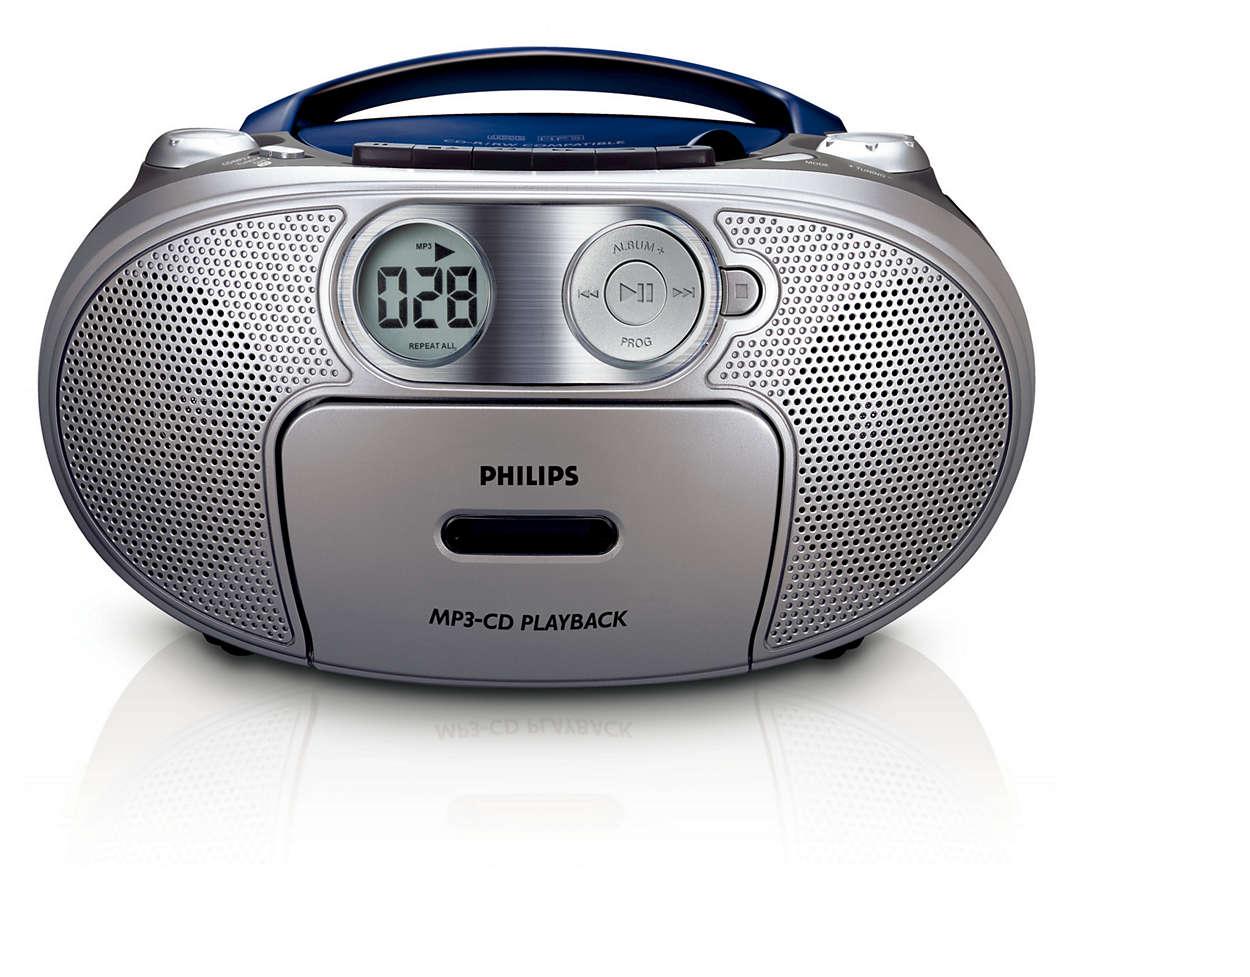 Todo en uno, música en MP3 y un sonido con graves enriquecidos